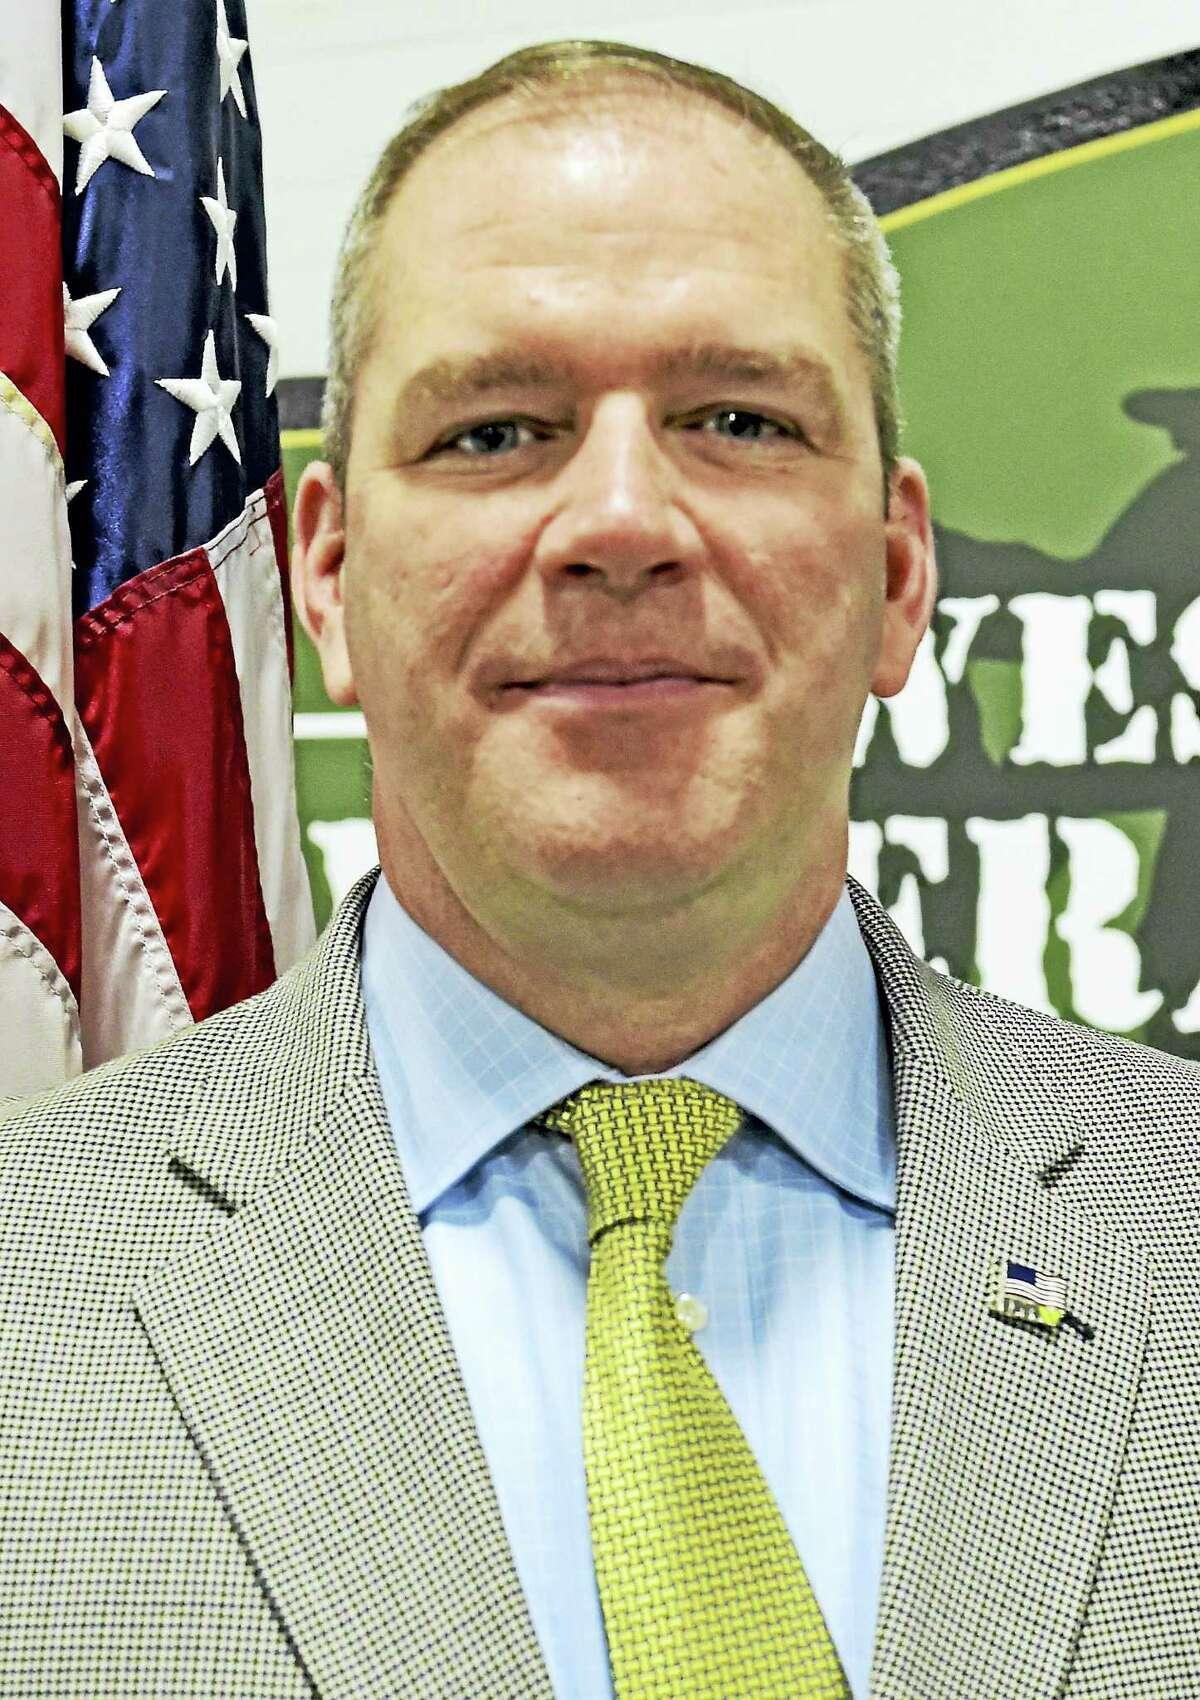 Councilman Sean P. Ronan, D-9.